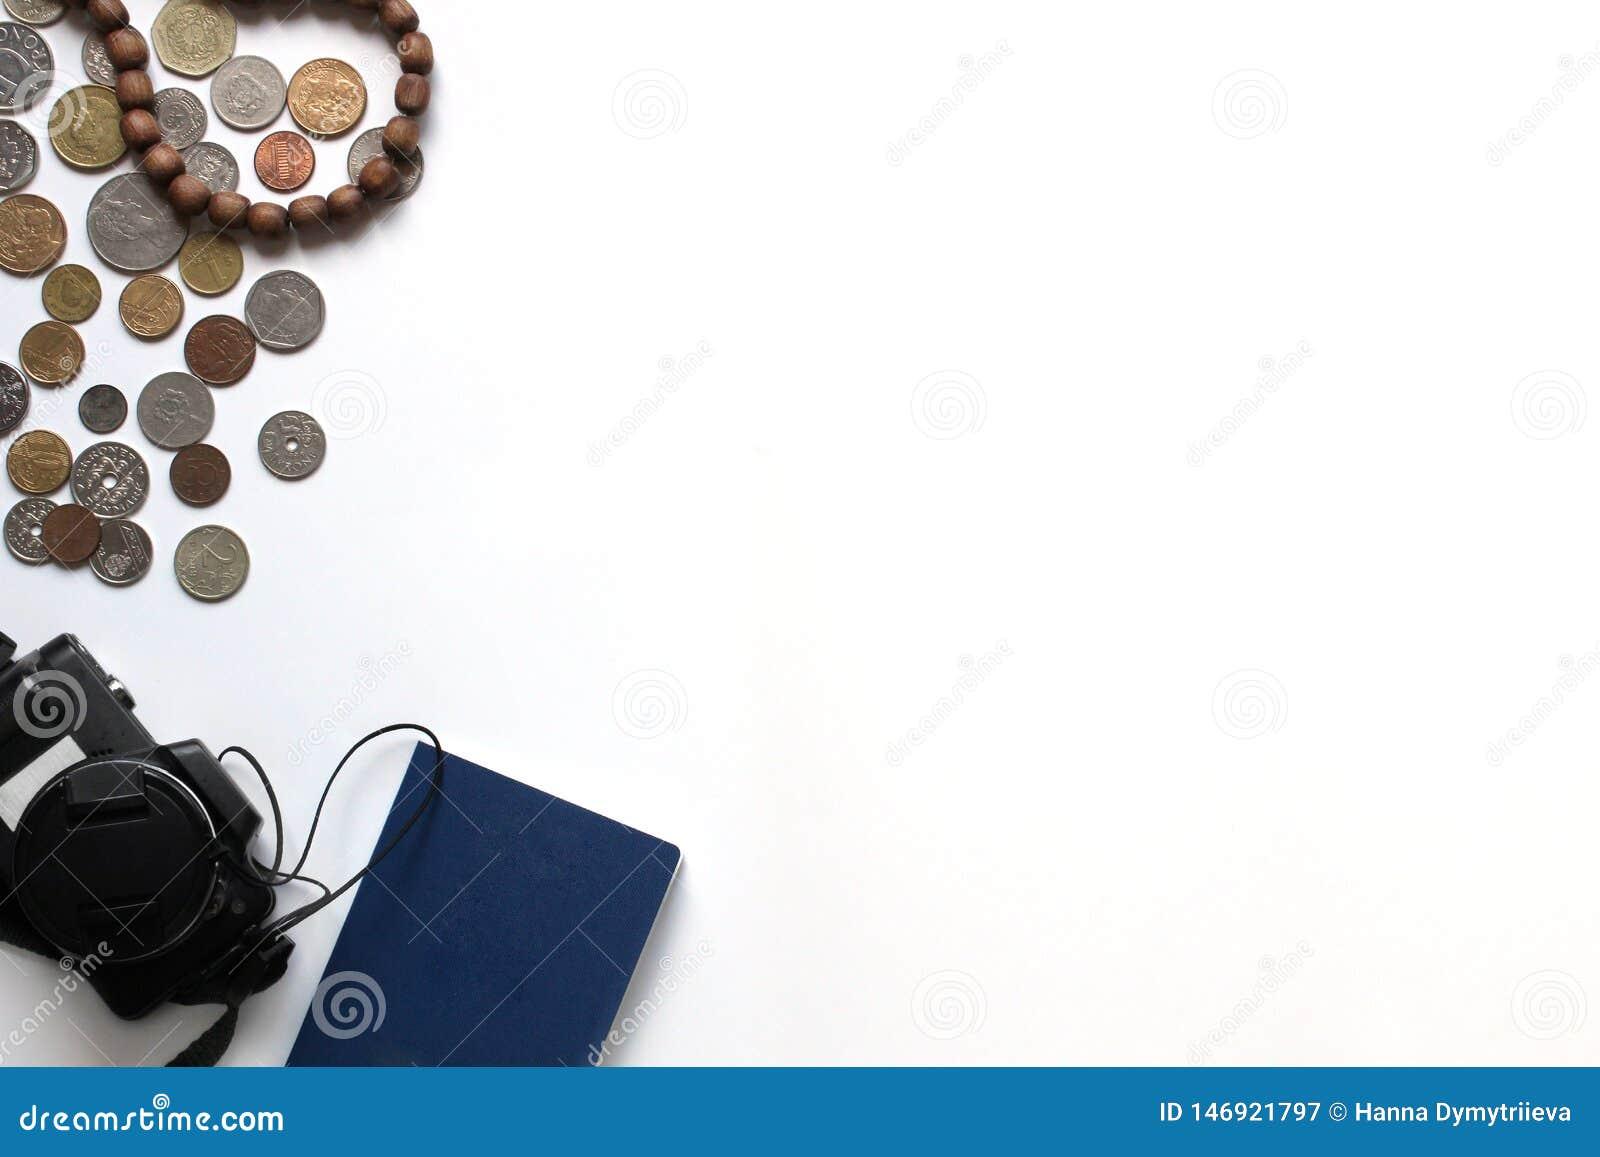 Reise und Feiertage in Europa oder im Ausland Fremde Pässe, Kamera und Münze von verschiedenen Ländern und von Bezeichnungen auf